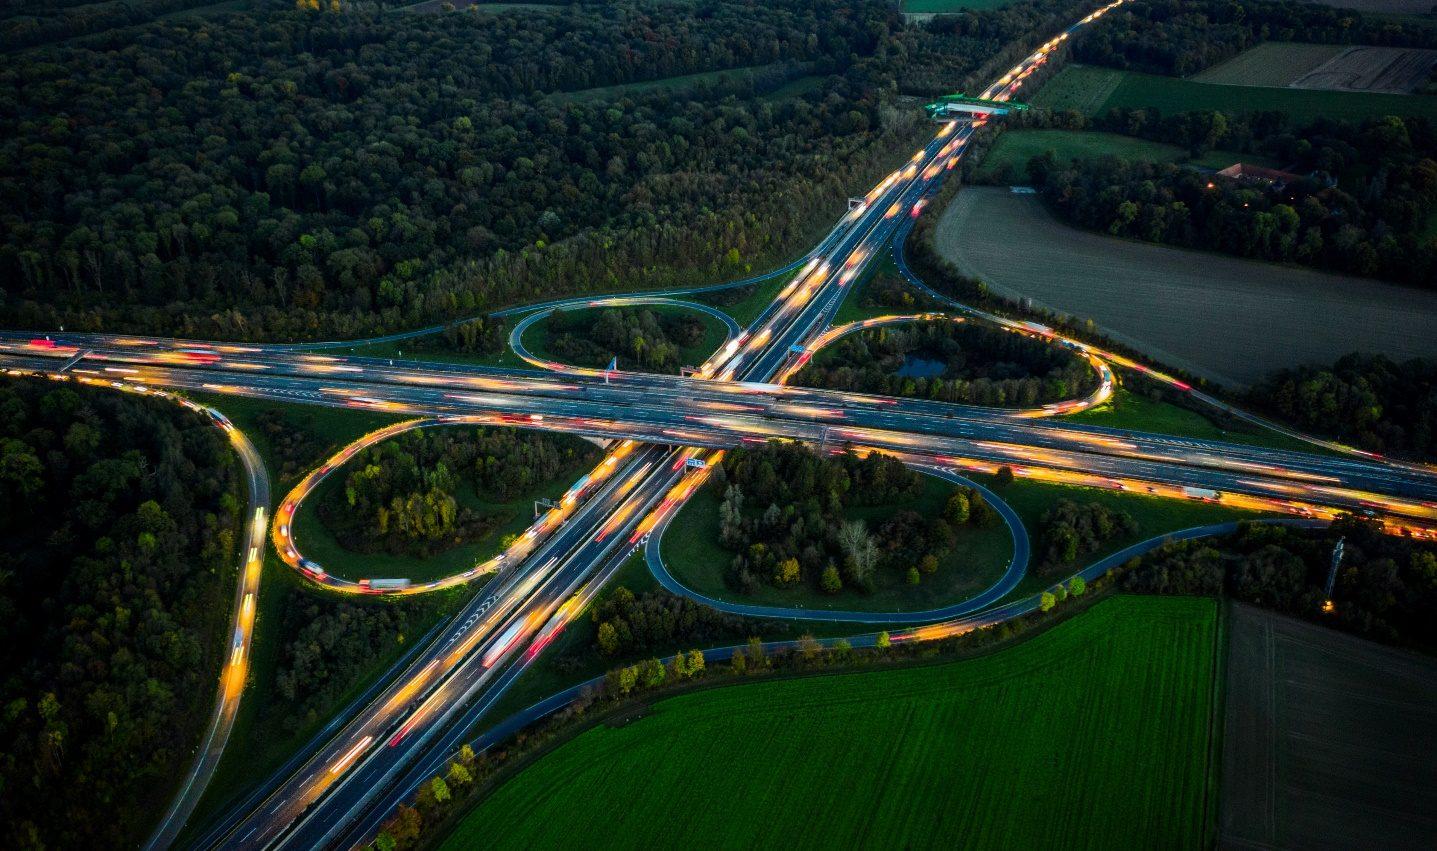 """Autobahn als Metapher für """" Firmenkundenstudie 8.0 - Geschwindigkeit aufnehmen. Orientierung behalten"""""""